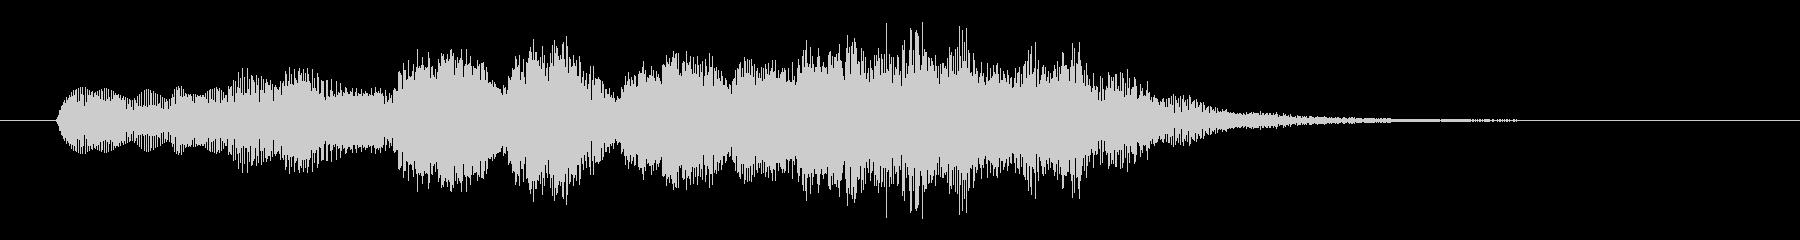 爽やかなシンセサイザー音のサウンドロゴの未再生の波形